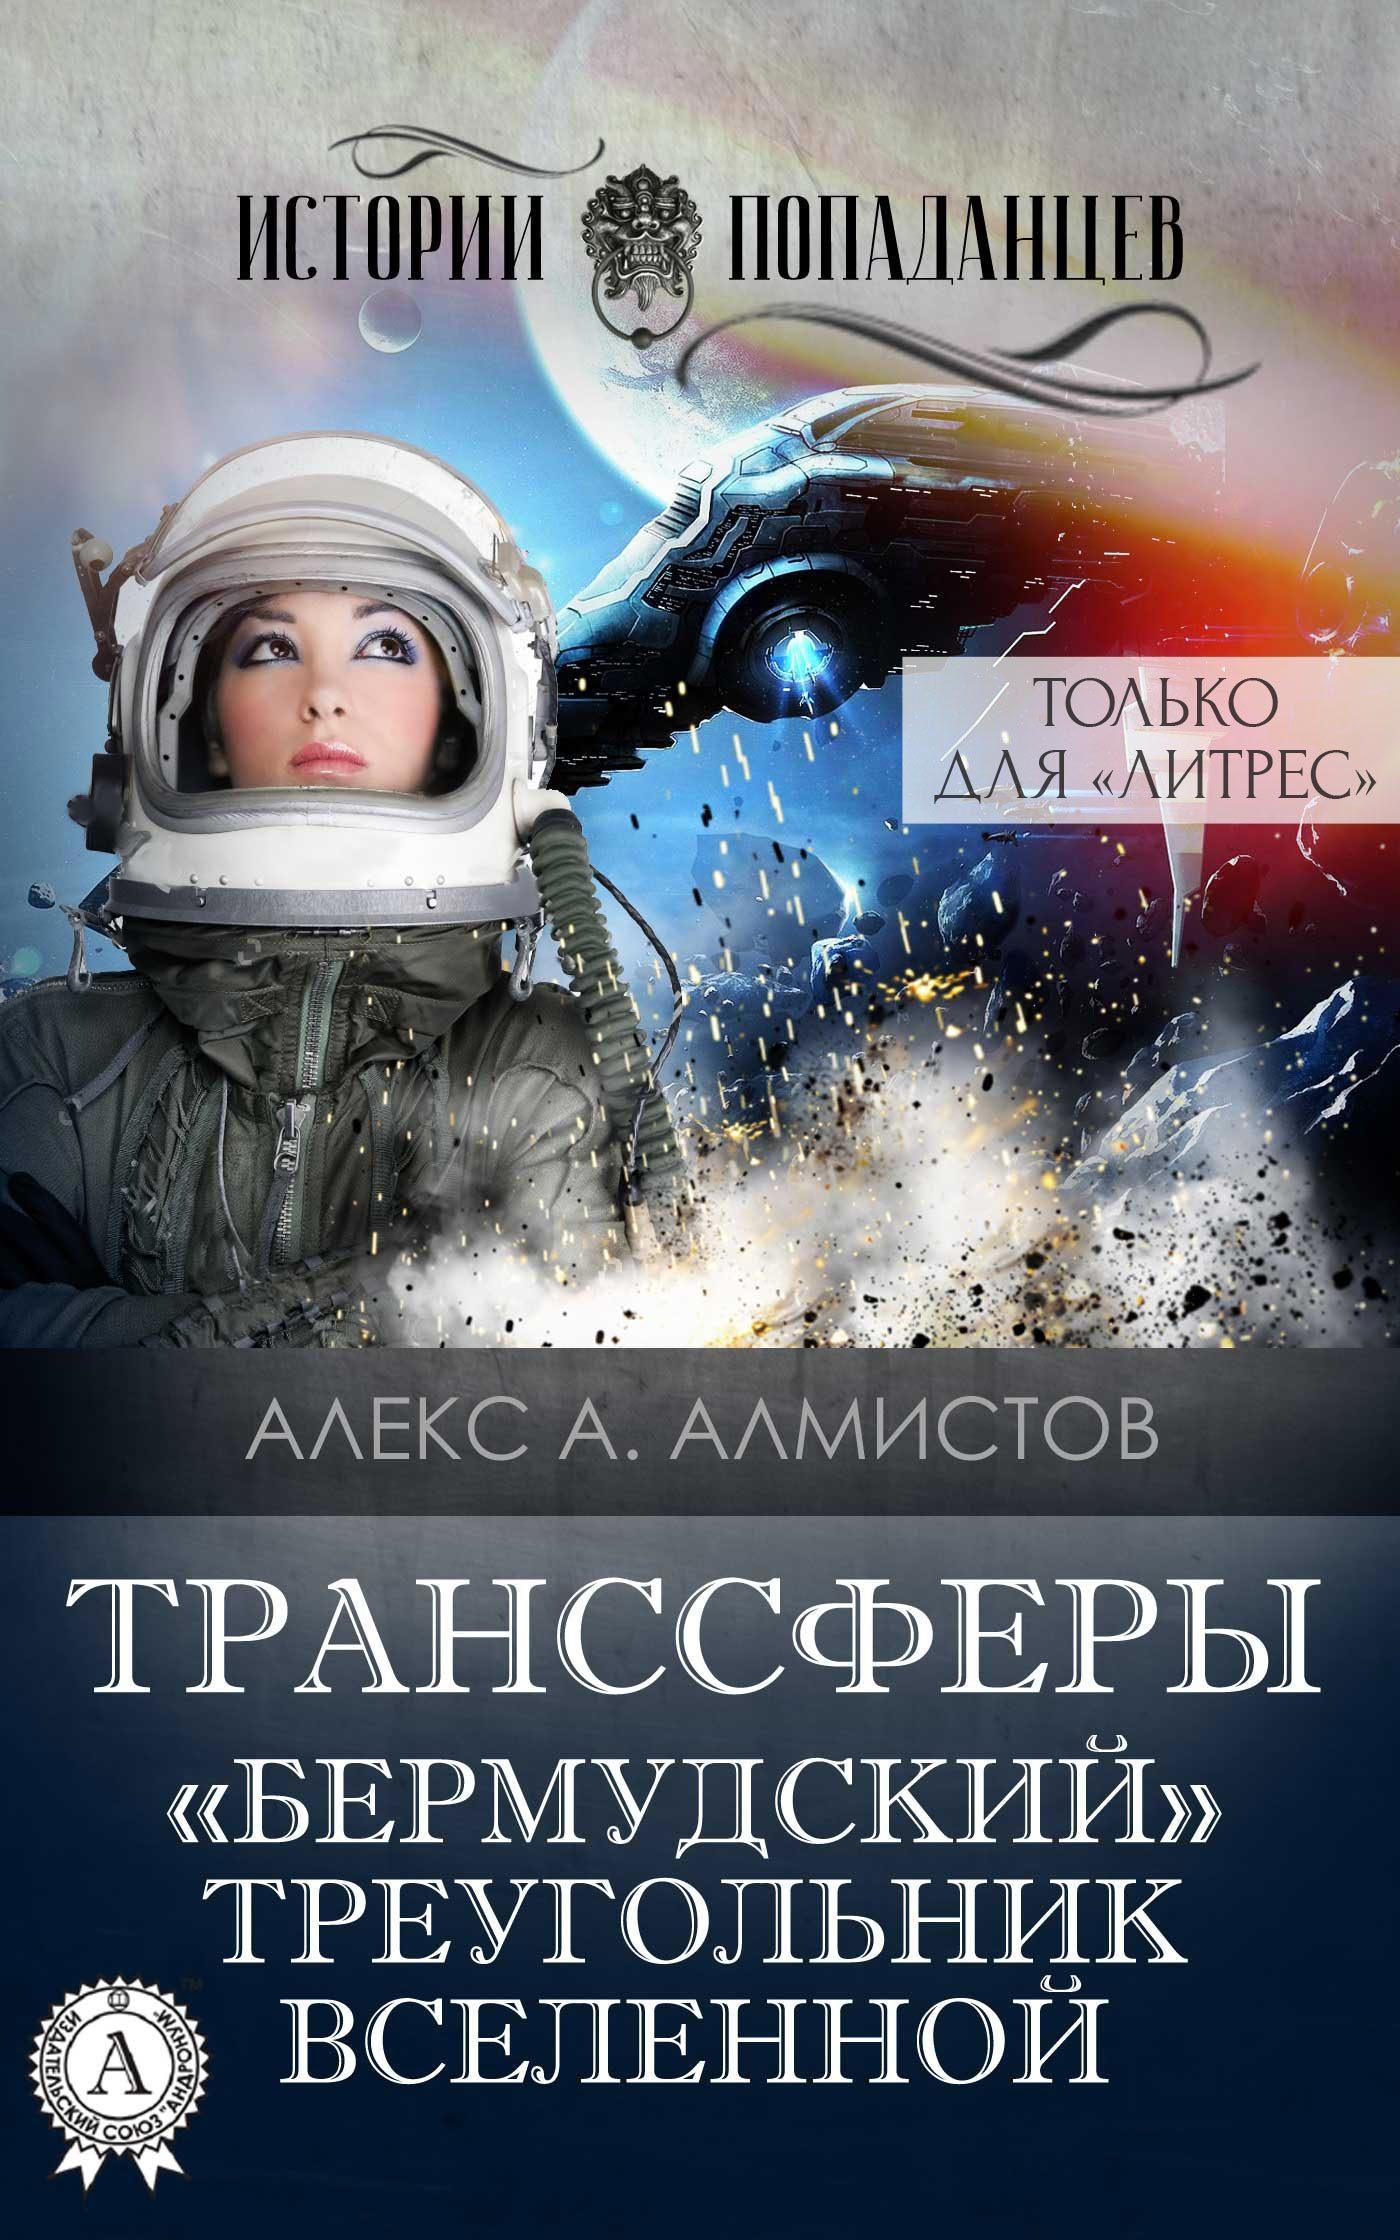 Алекс А. Алмистов - Транссферы. «Бермудский» треугольник Вселенной